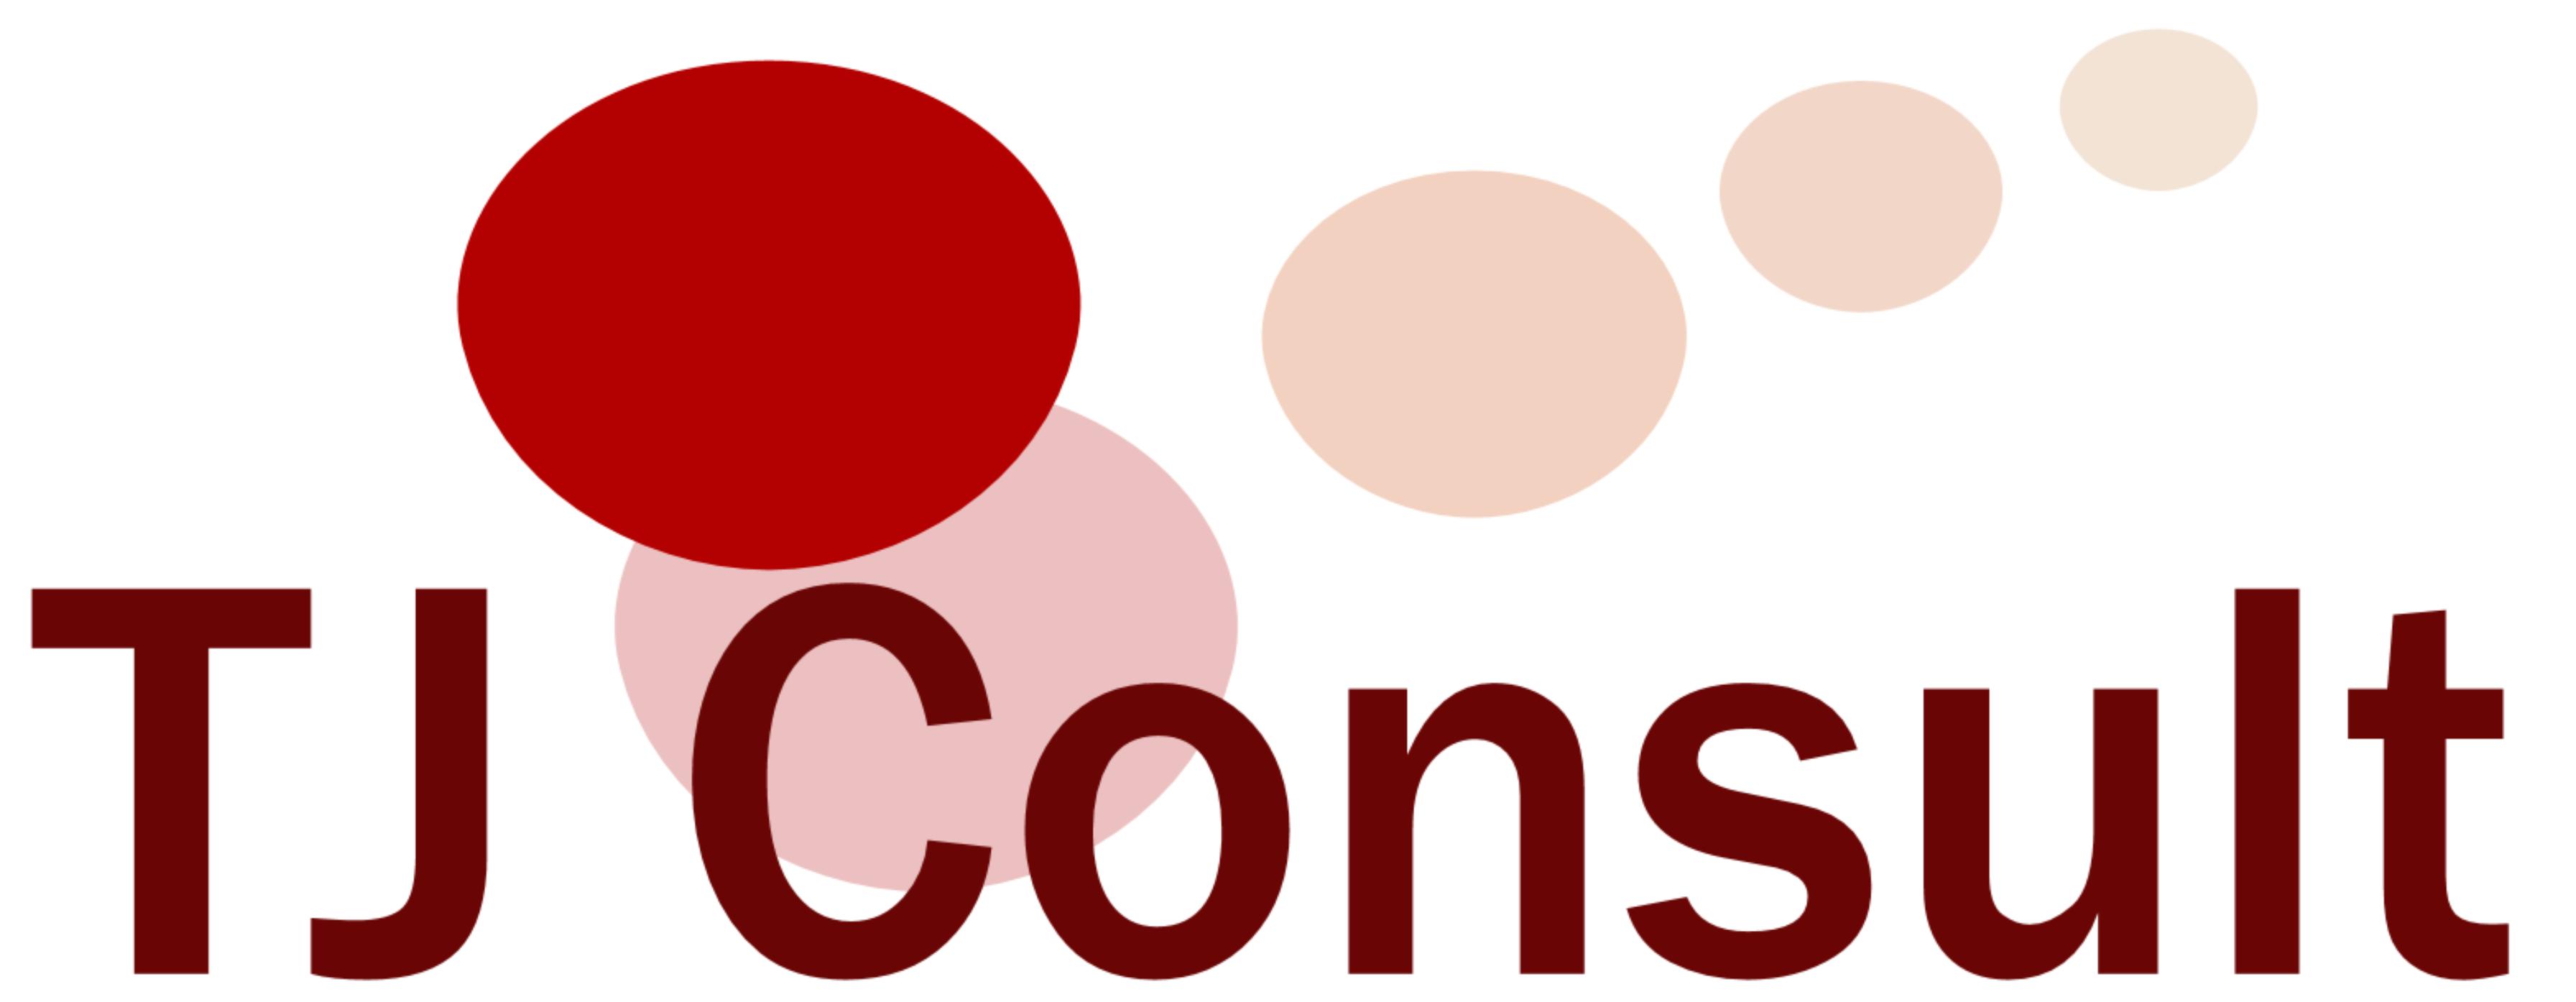 TJ Consult